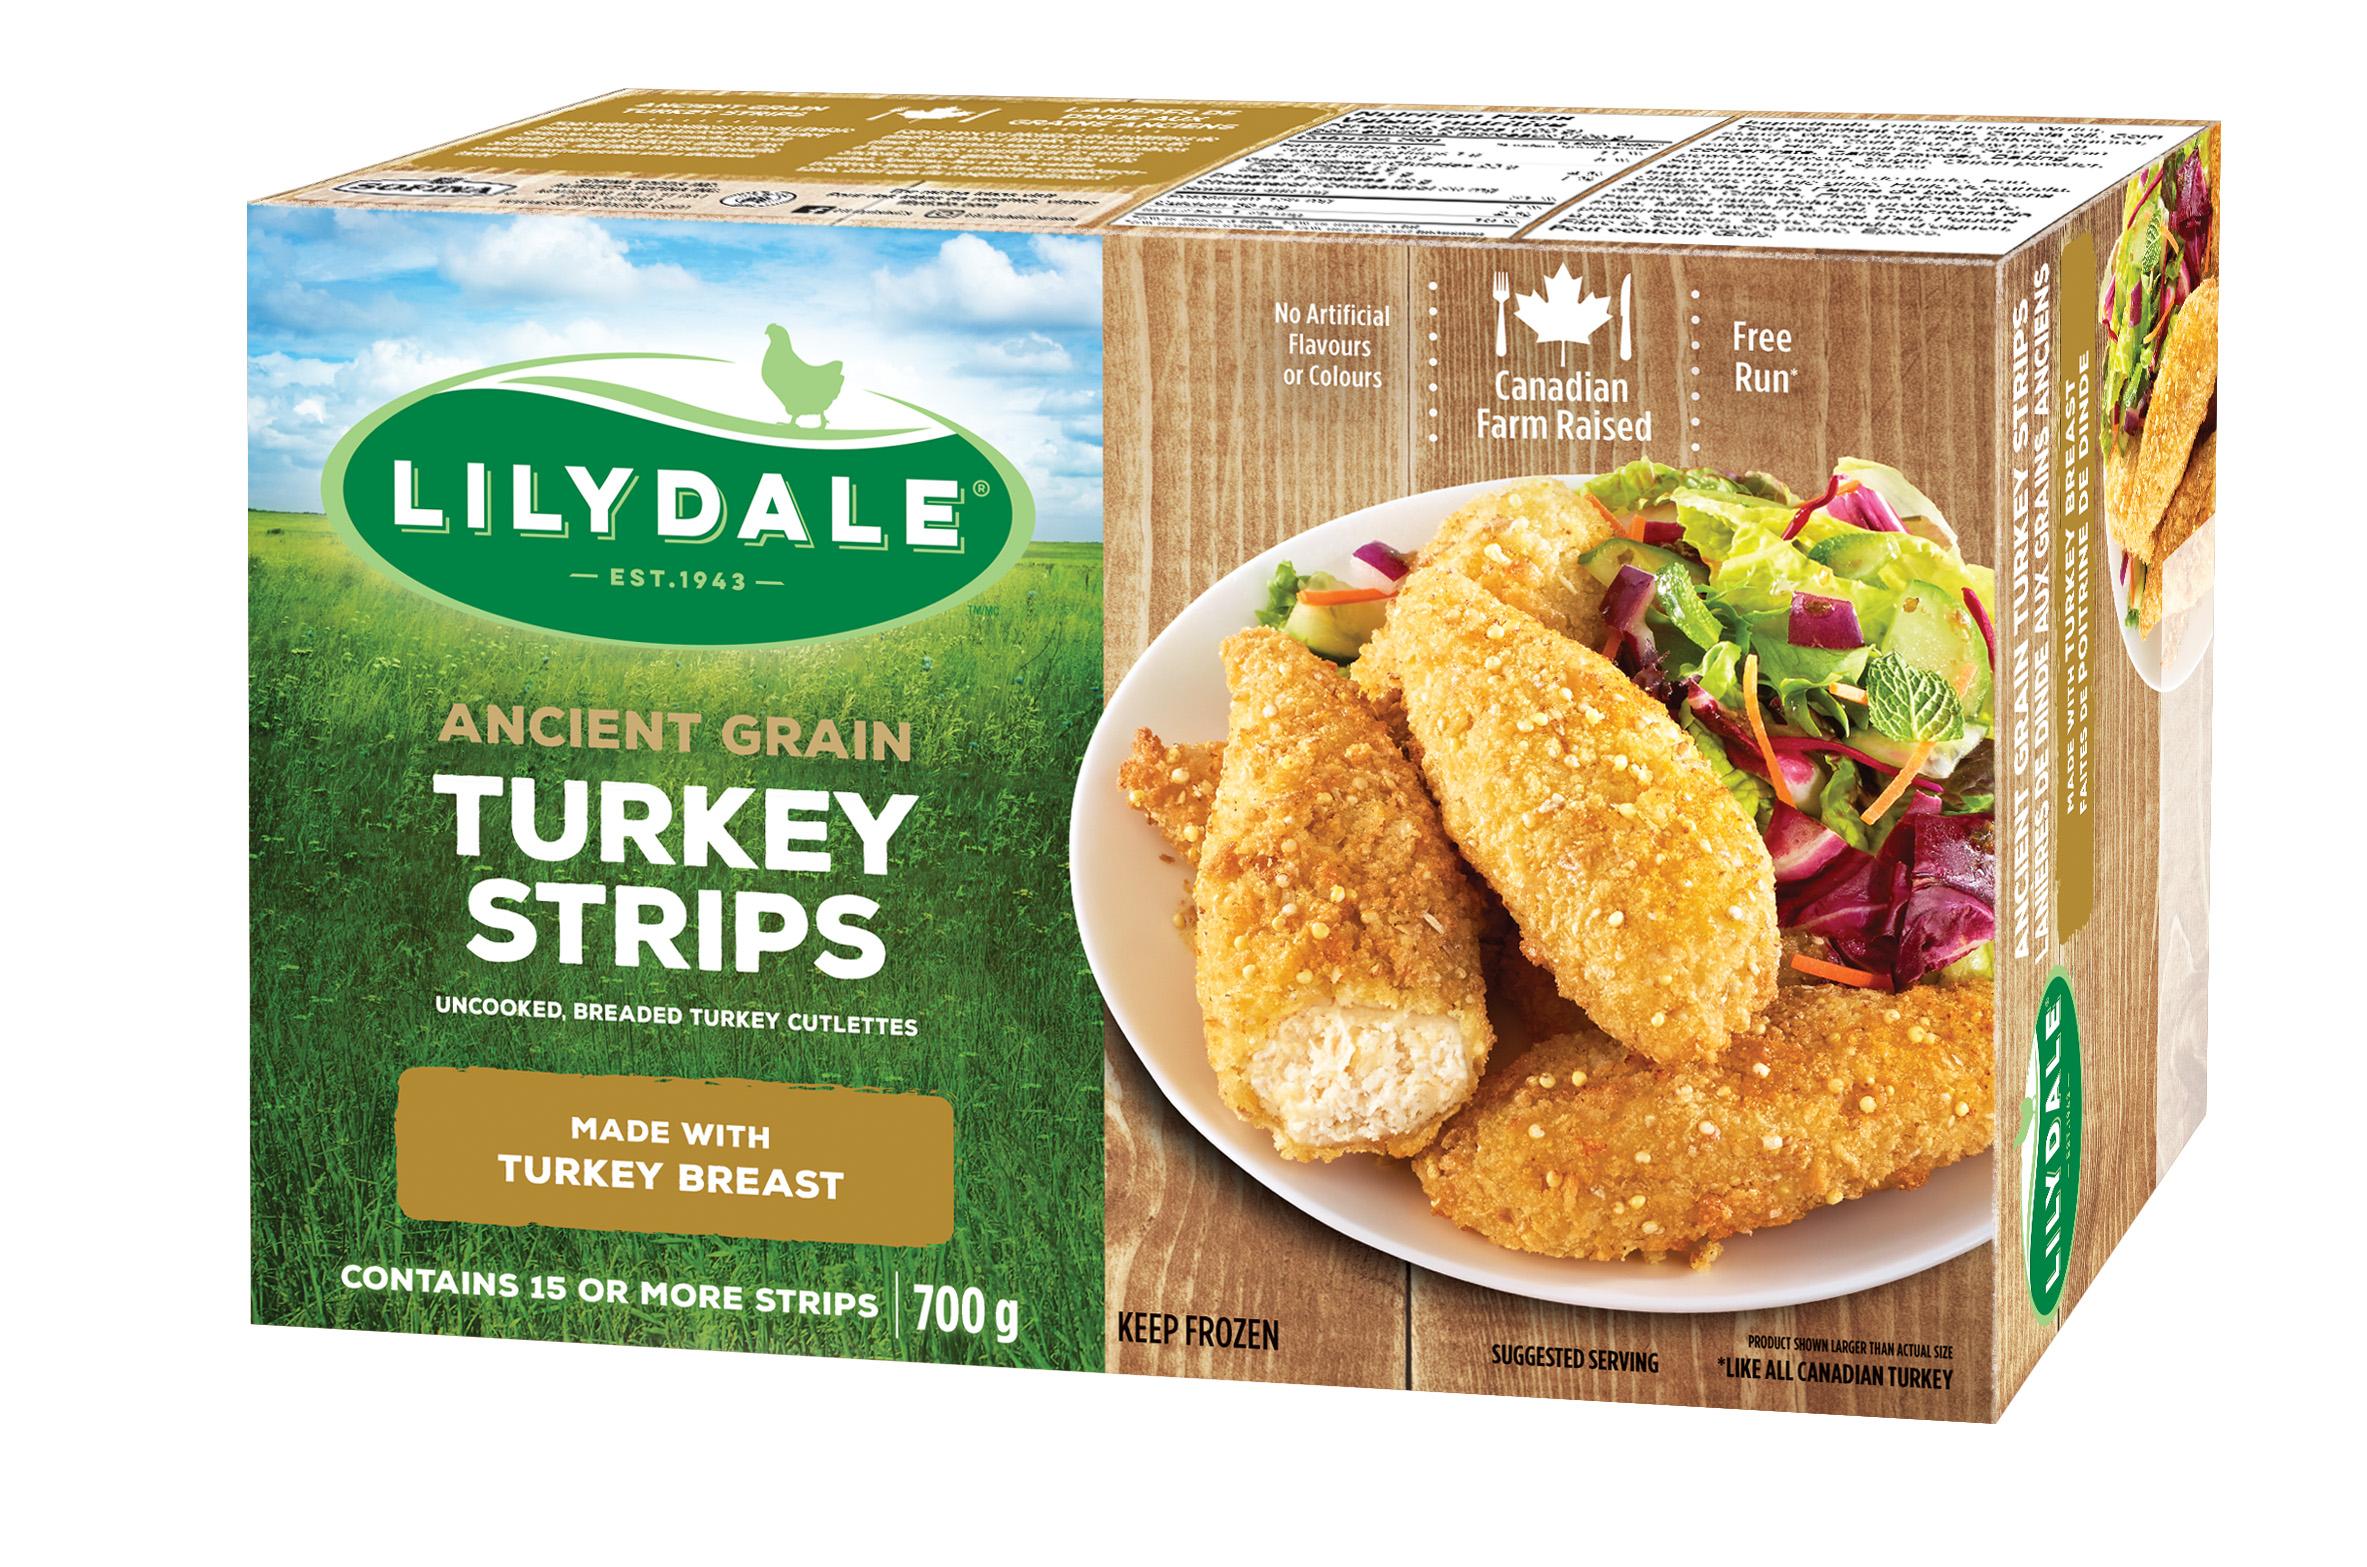 Ancient Grain Turkey Strips